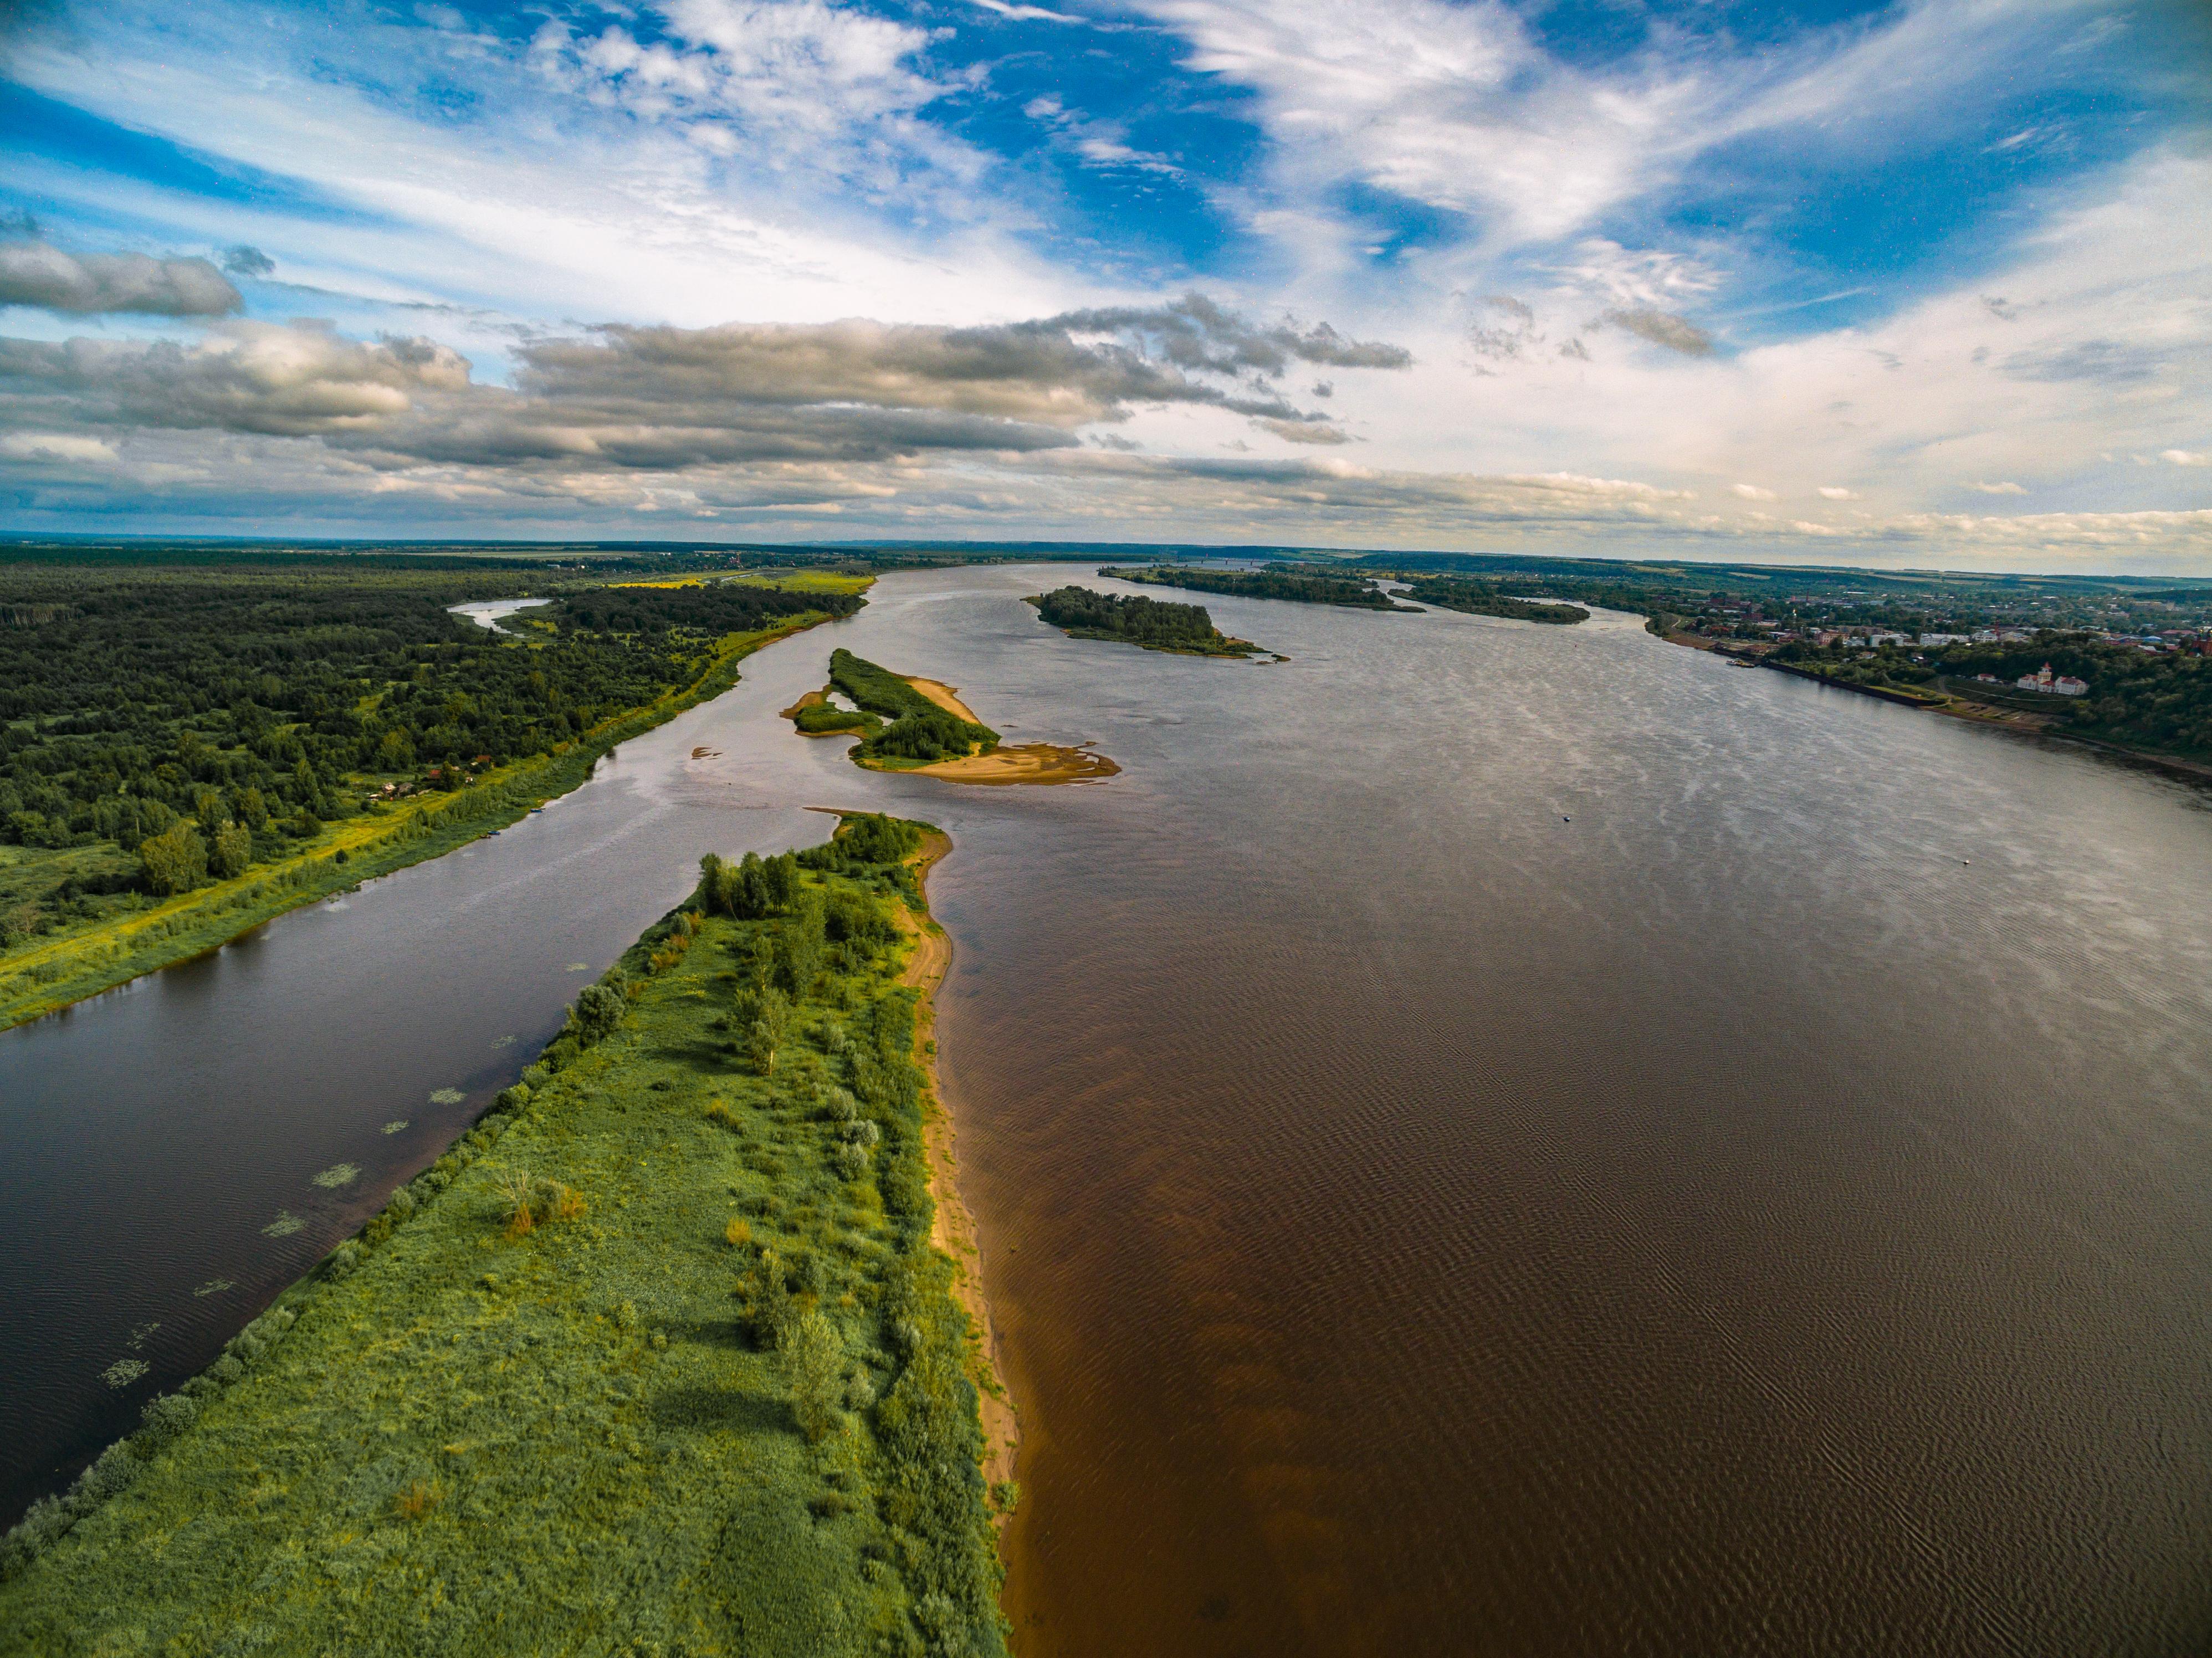 Река кама: характеристики, применение и интересные факты